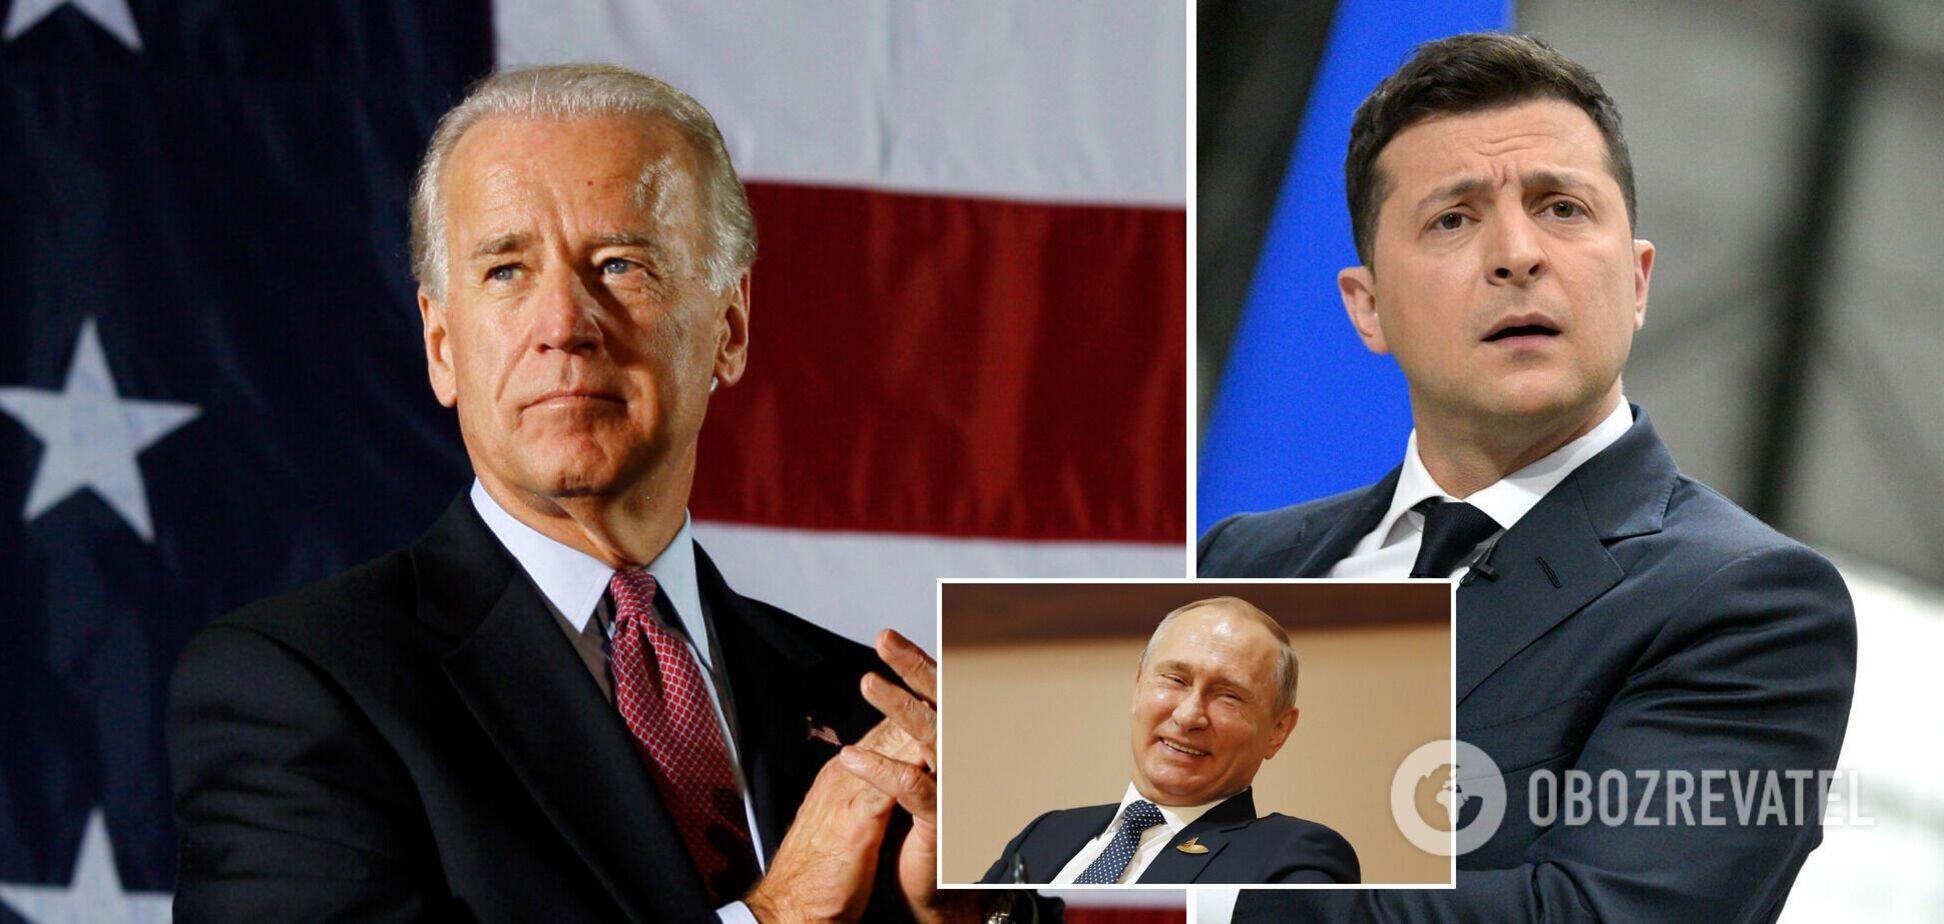 Зеленський поговорив із Байденом перед його зустріччю з Путіним: всі подробиці